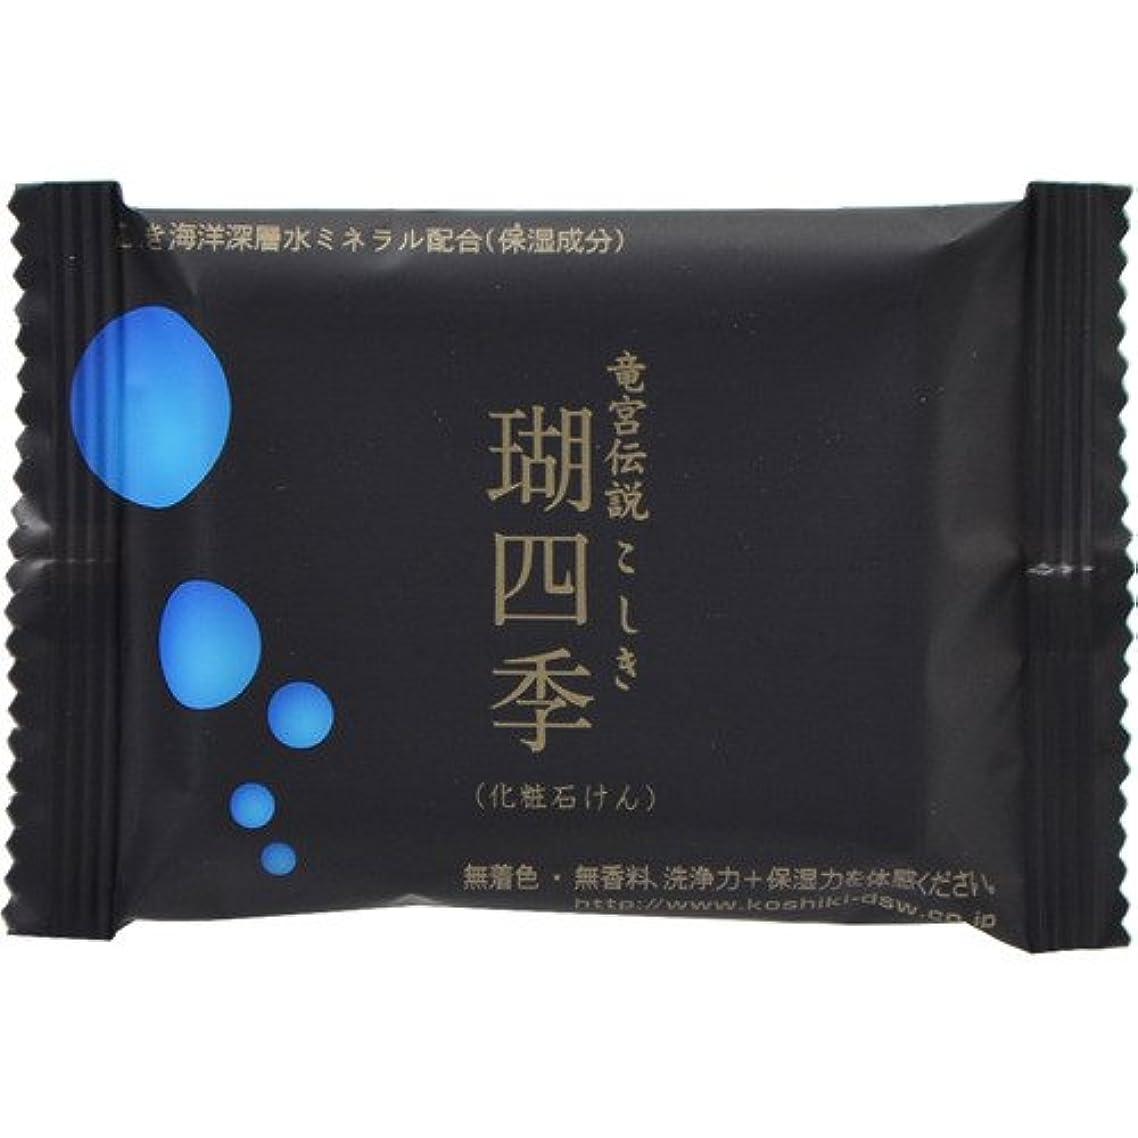 シリーズ目指す明るい瑚四季 化粧石鹸 30g